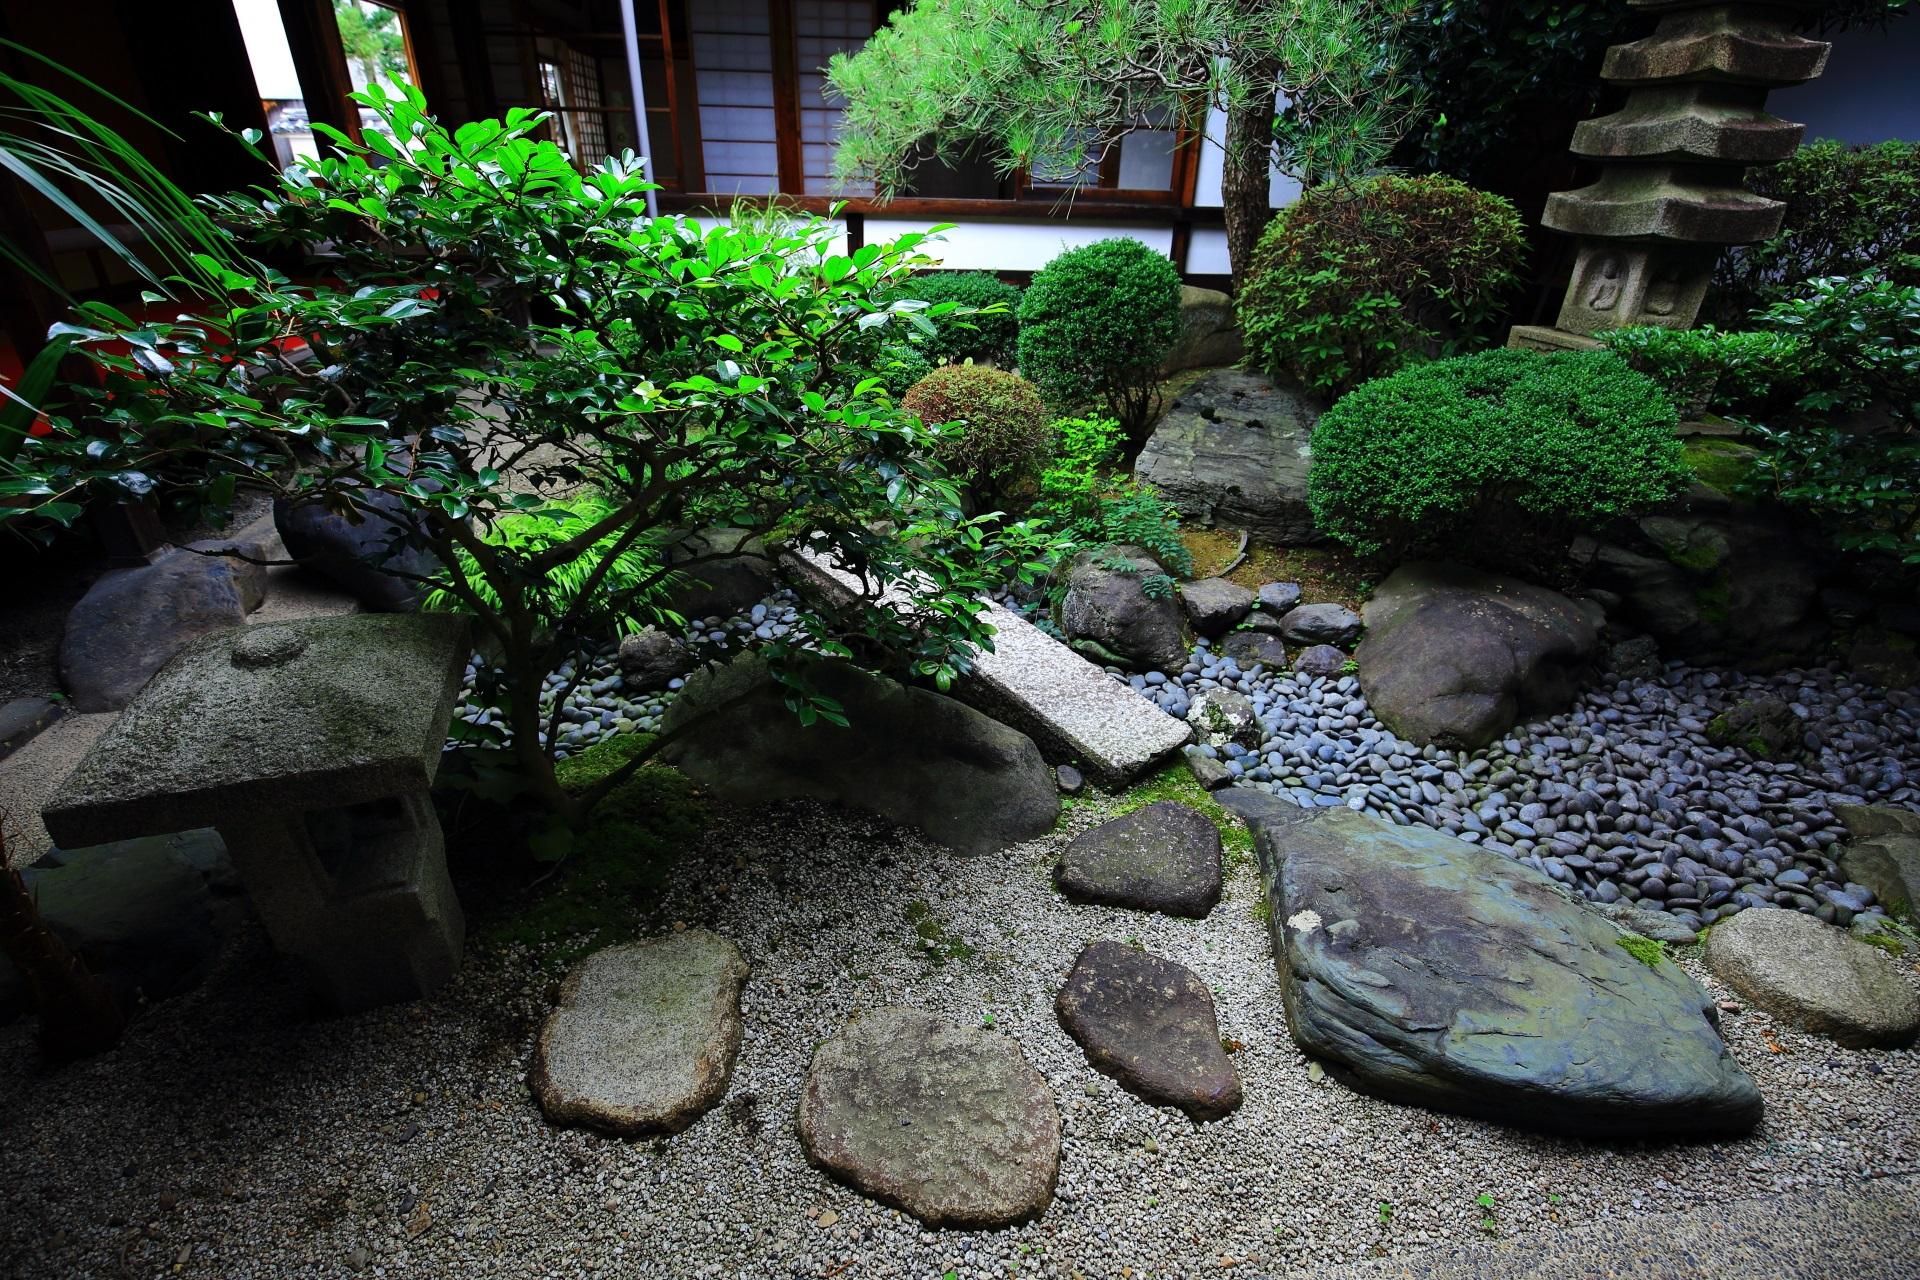 妙蓮寺の燈籠と飛び石の配された緑の綺麗な中庭